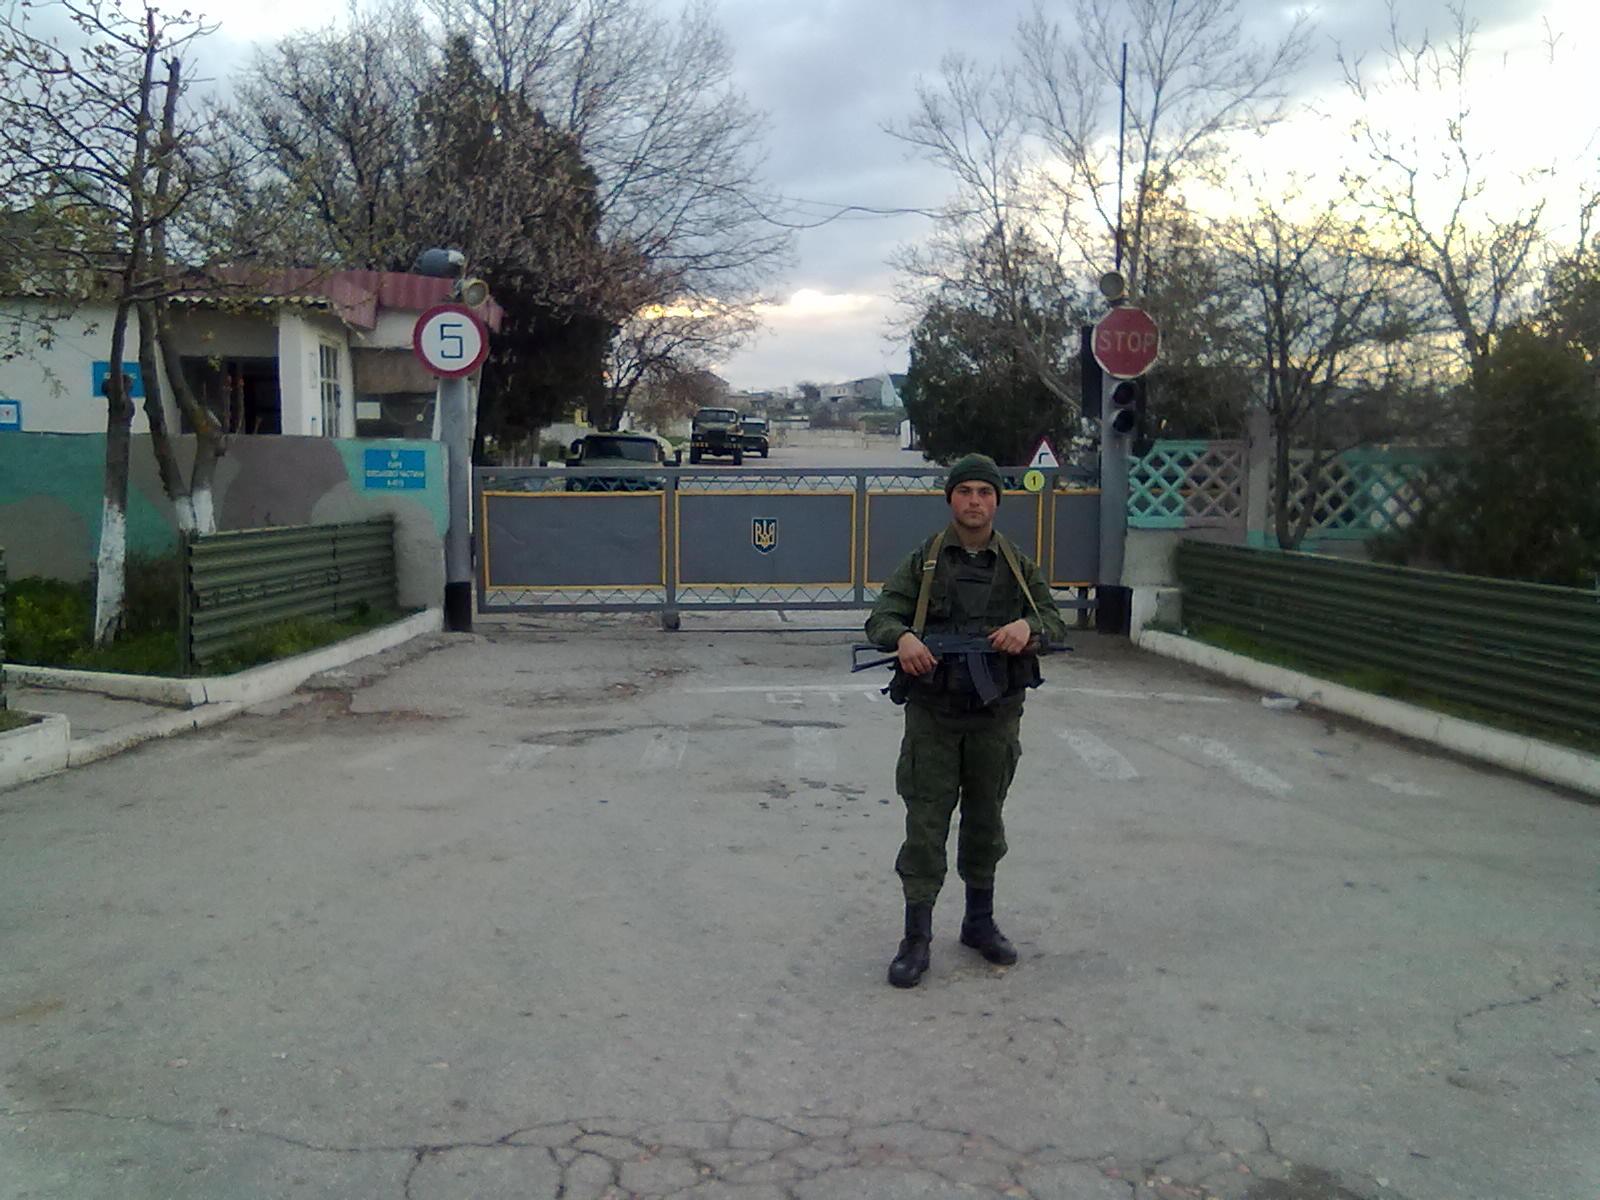 Belbek Flugplatz im Dorf Ljubimowka auf der Krim